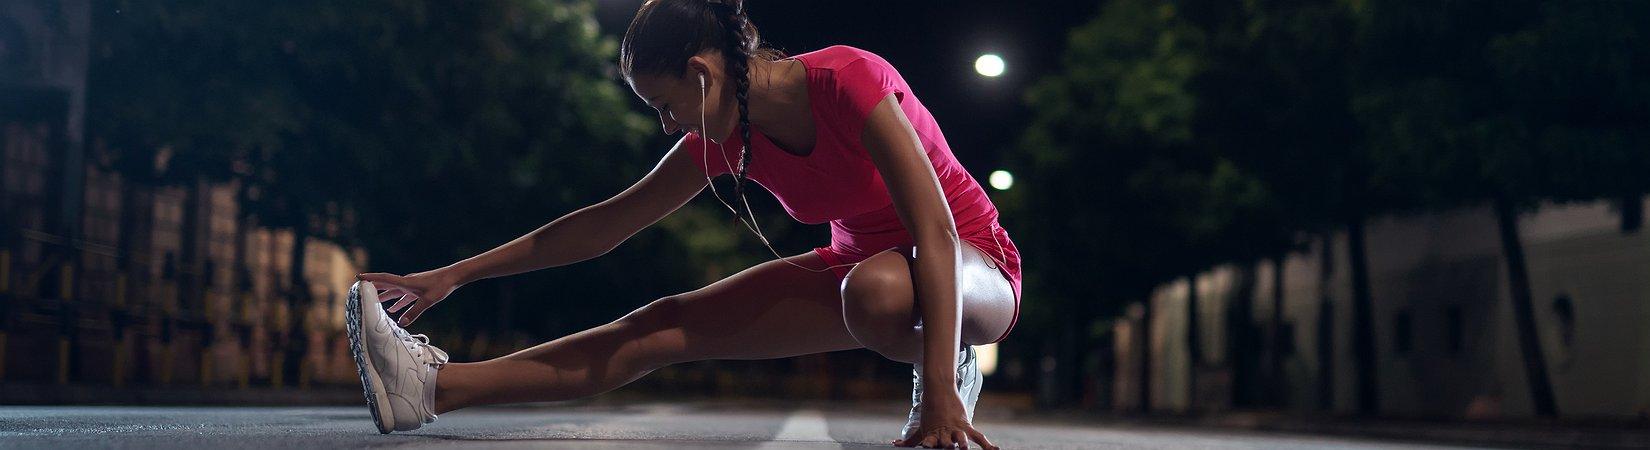 8 cosas que las personas de éxito hacen todas las noches